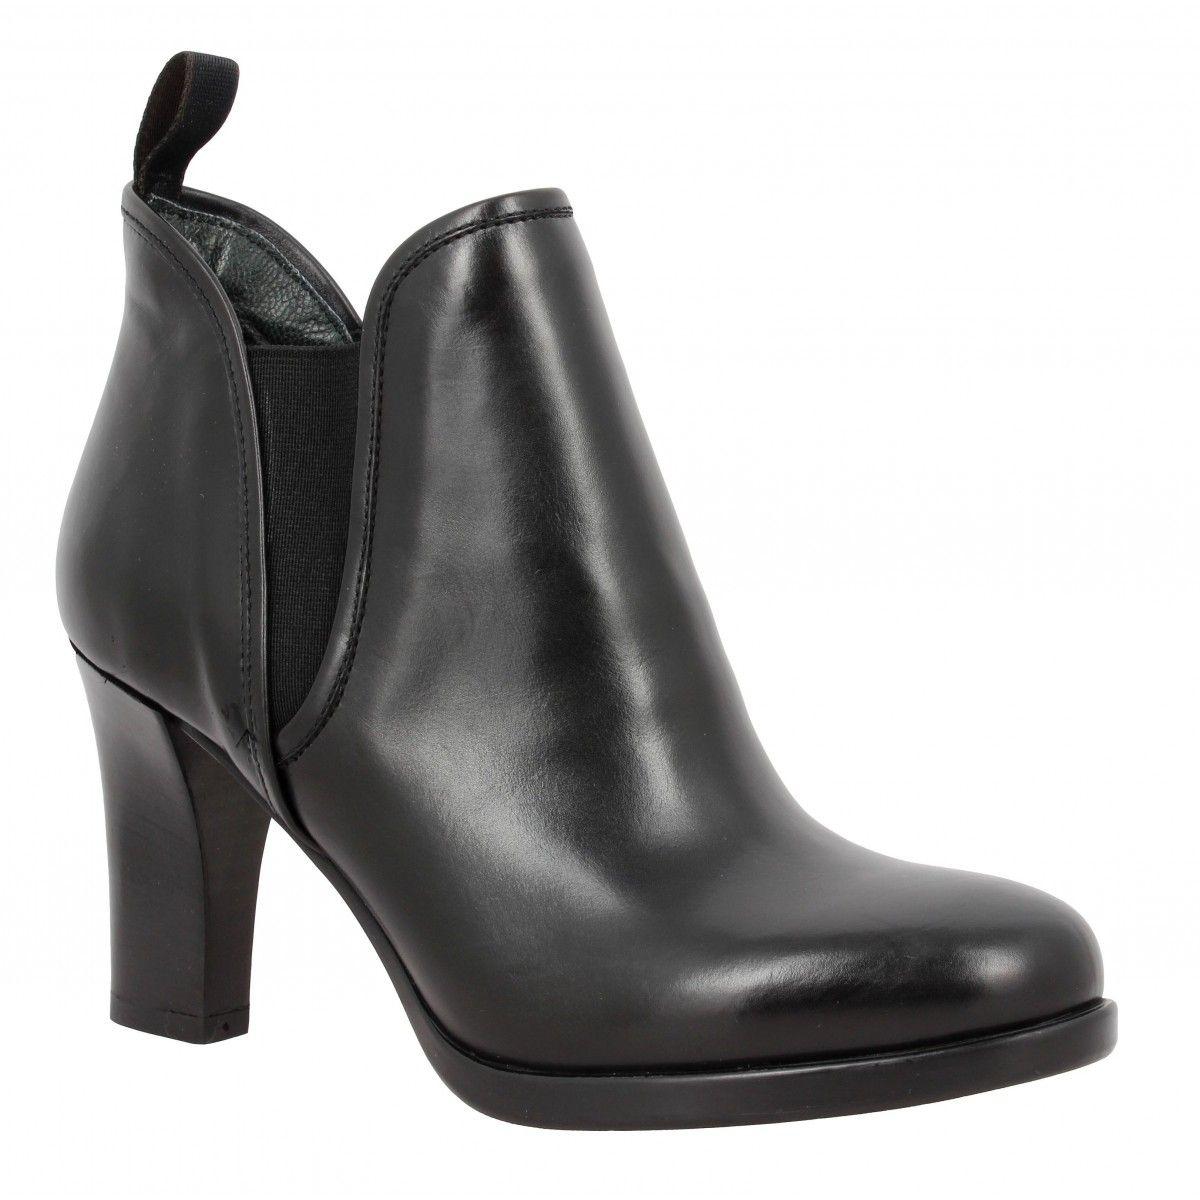 Chaussures Triver noires Fashion femme qXgDxF6aSp